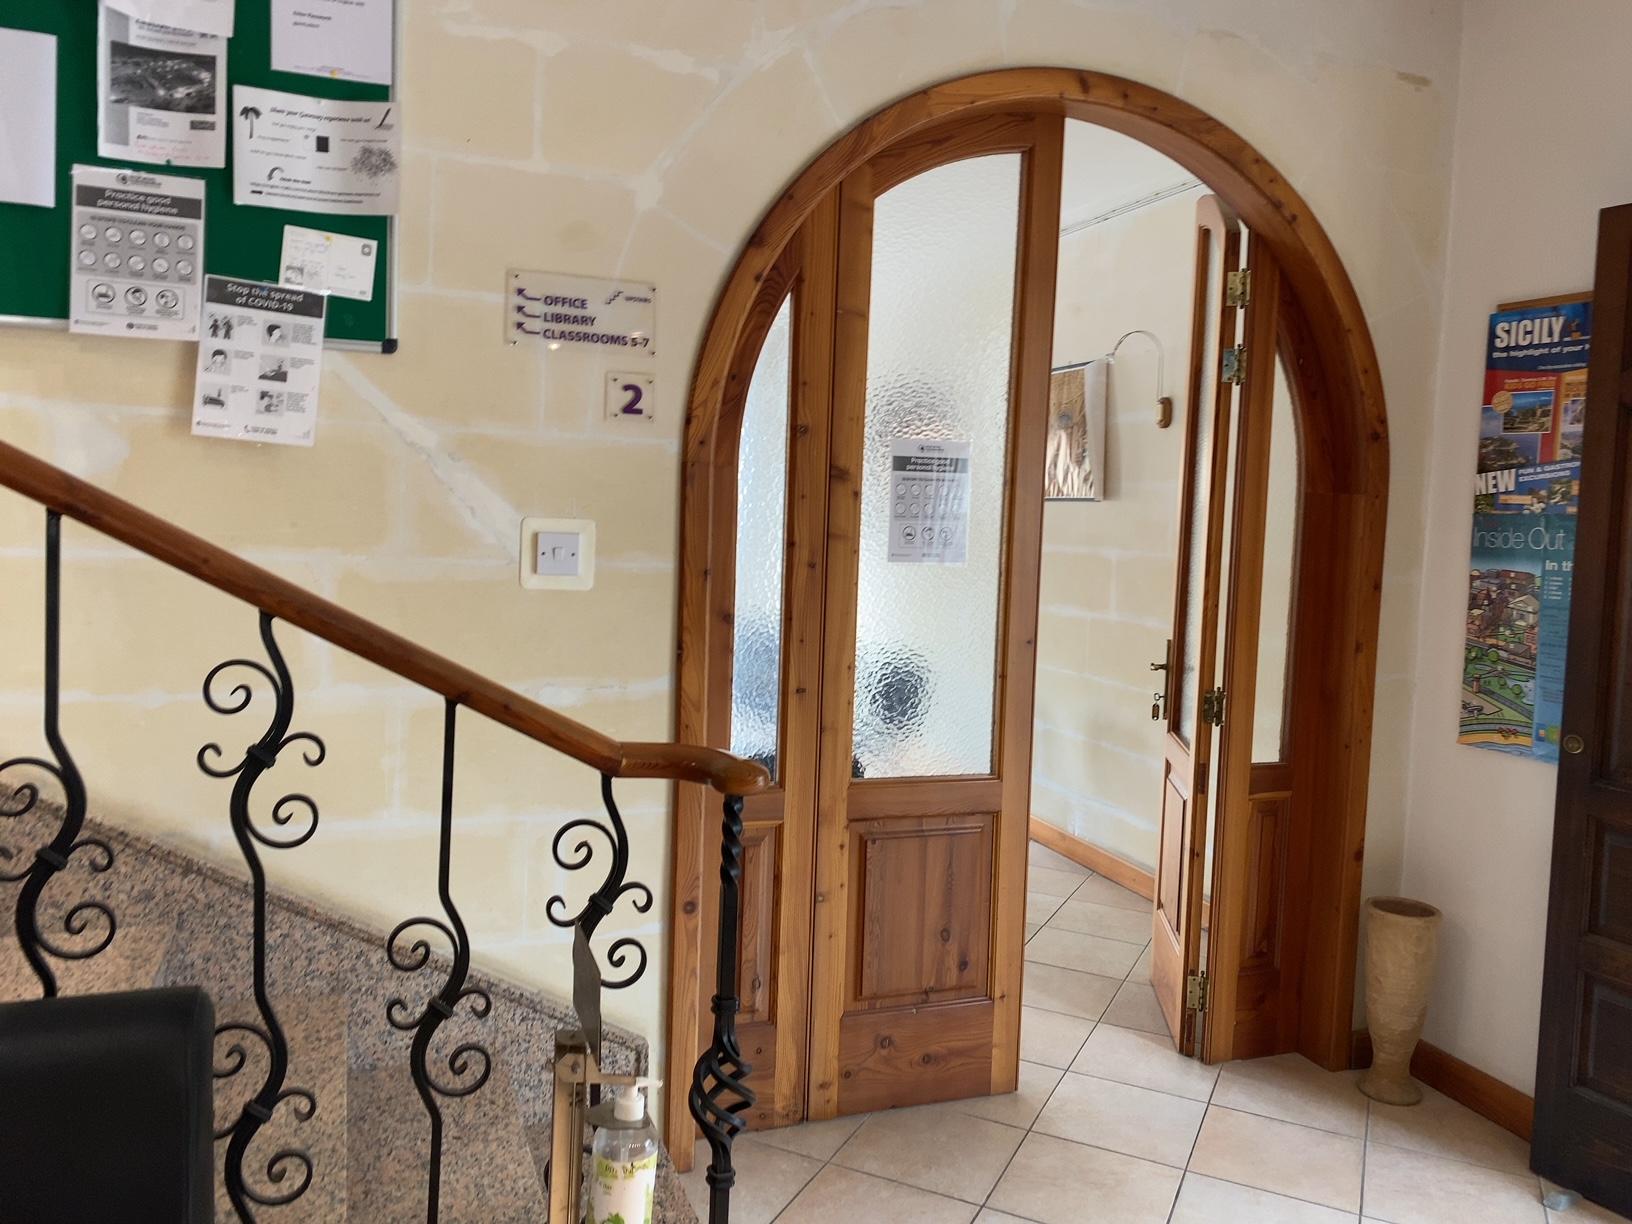 マルタ留学 マルタへようこそ!その5   代々木グローバル高等学院[公式]